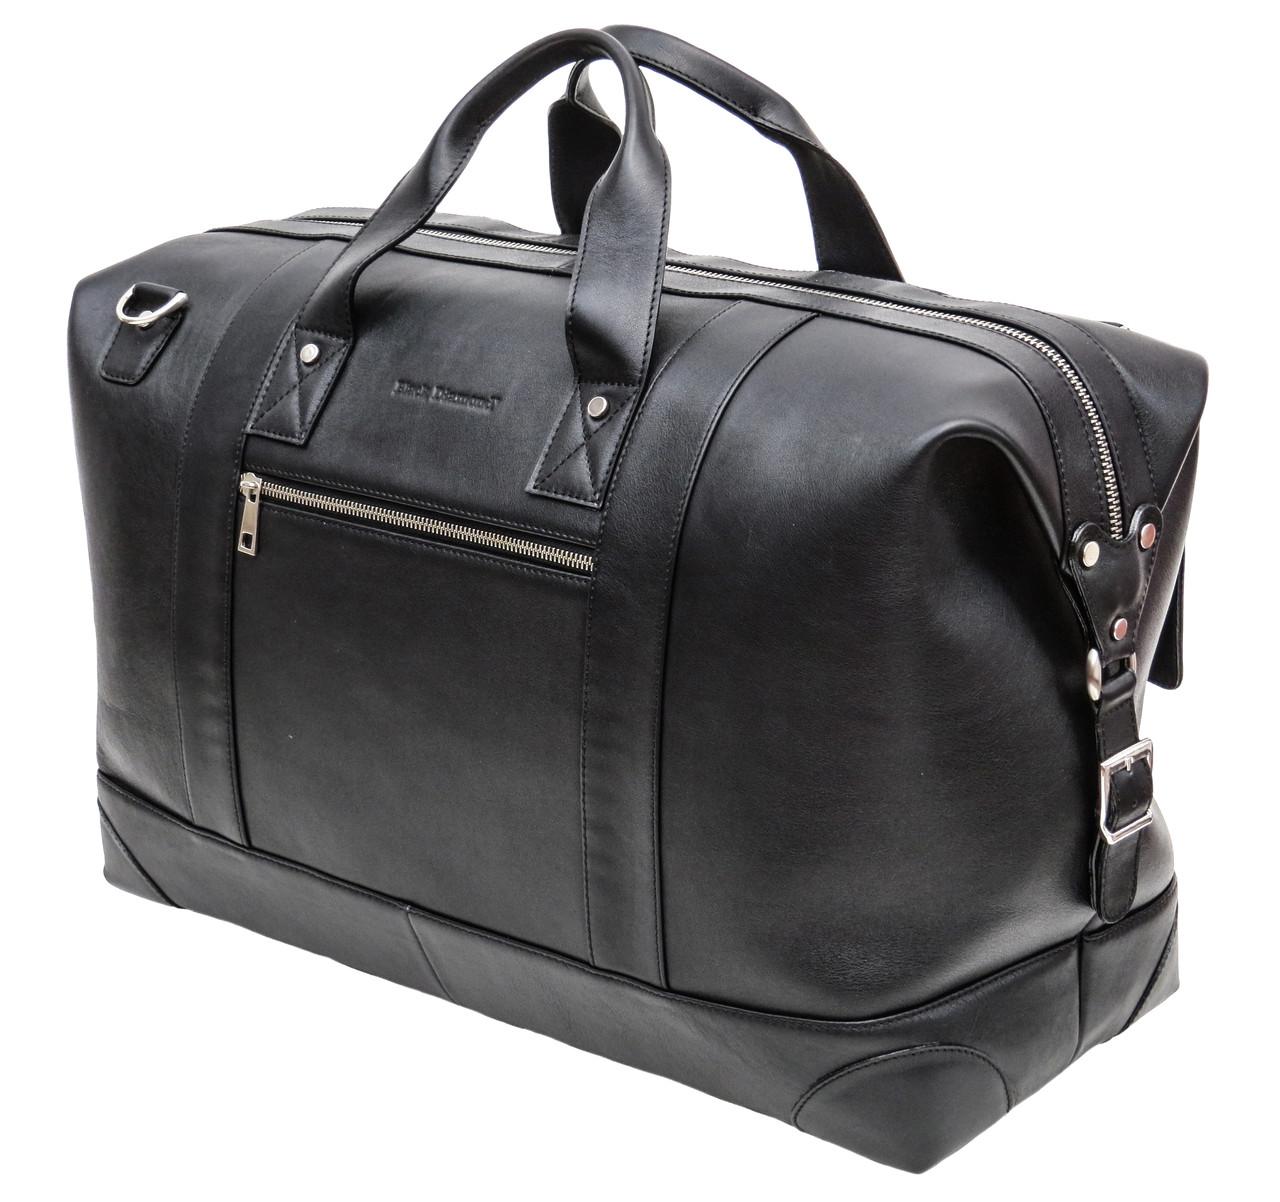 Большая дорожная сумка Black Diamond из натуральной кожи